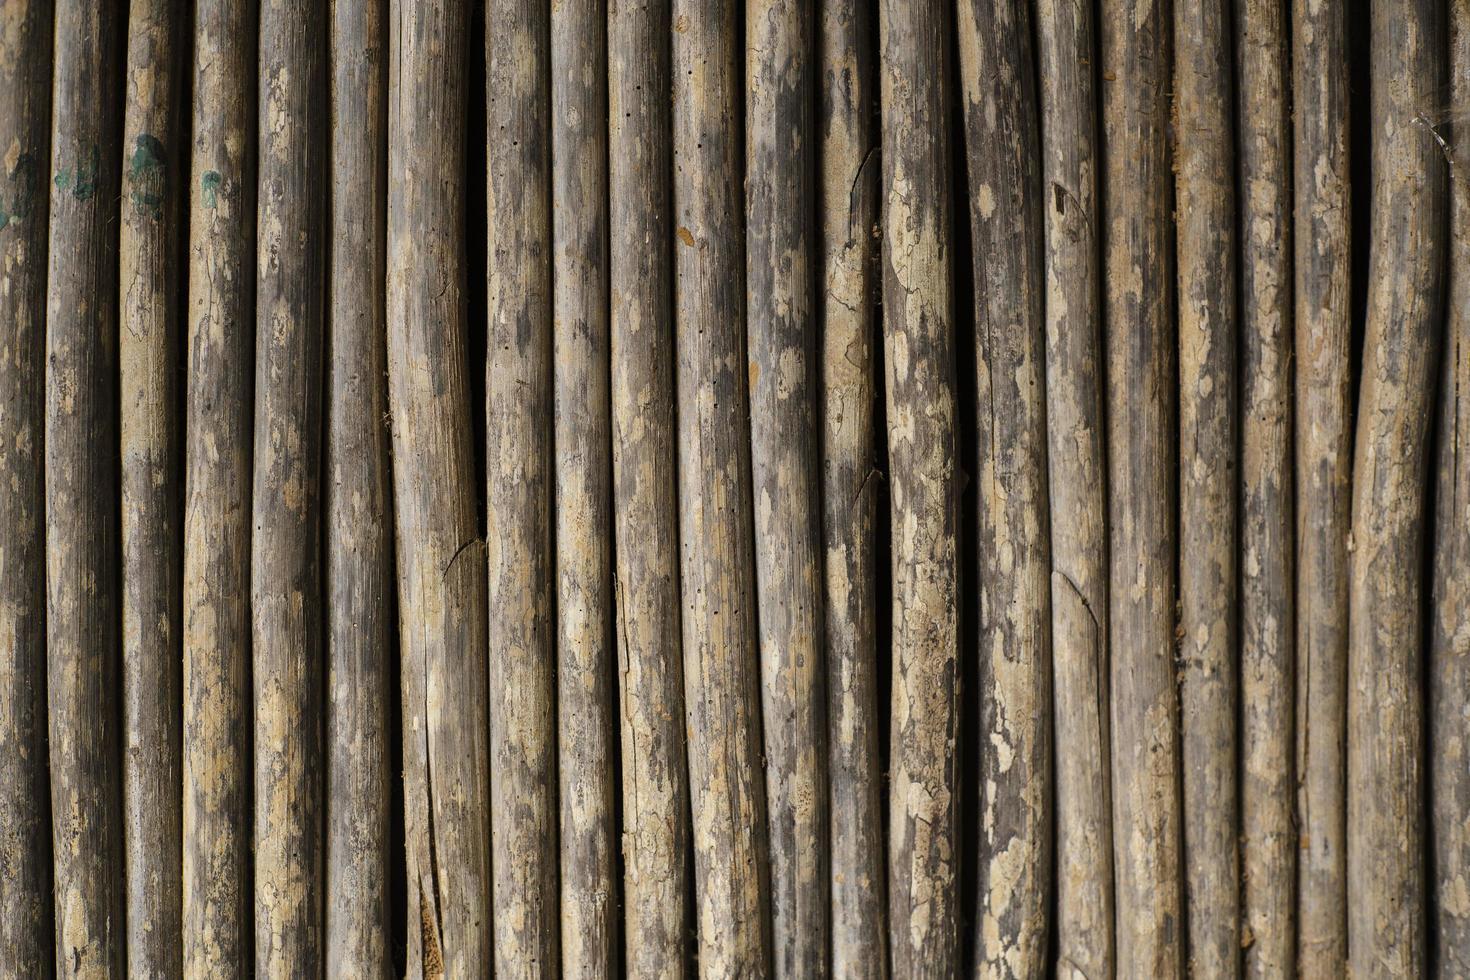 détail des arbres de canne sauvage photo